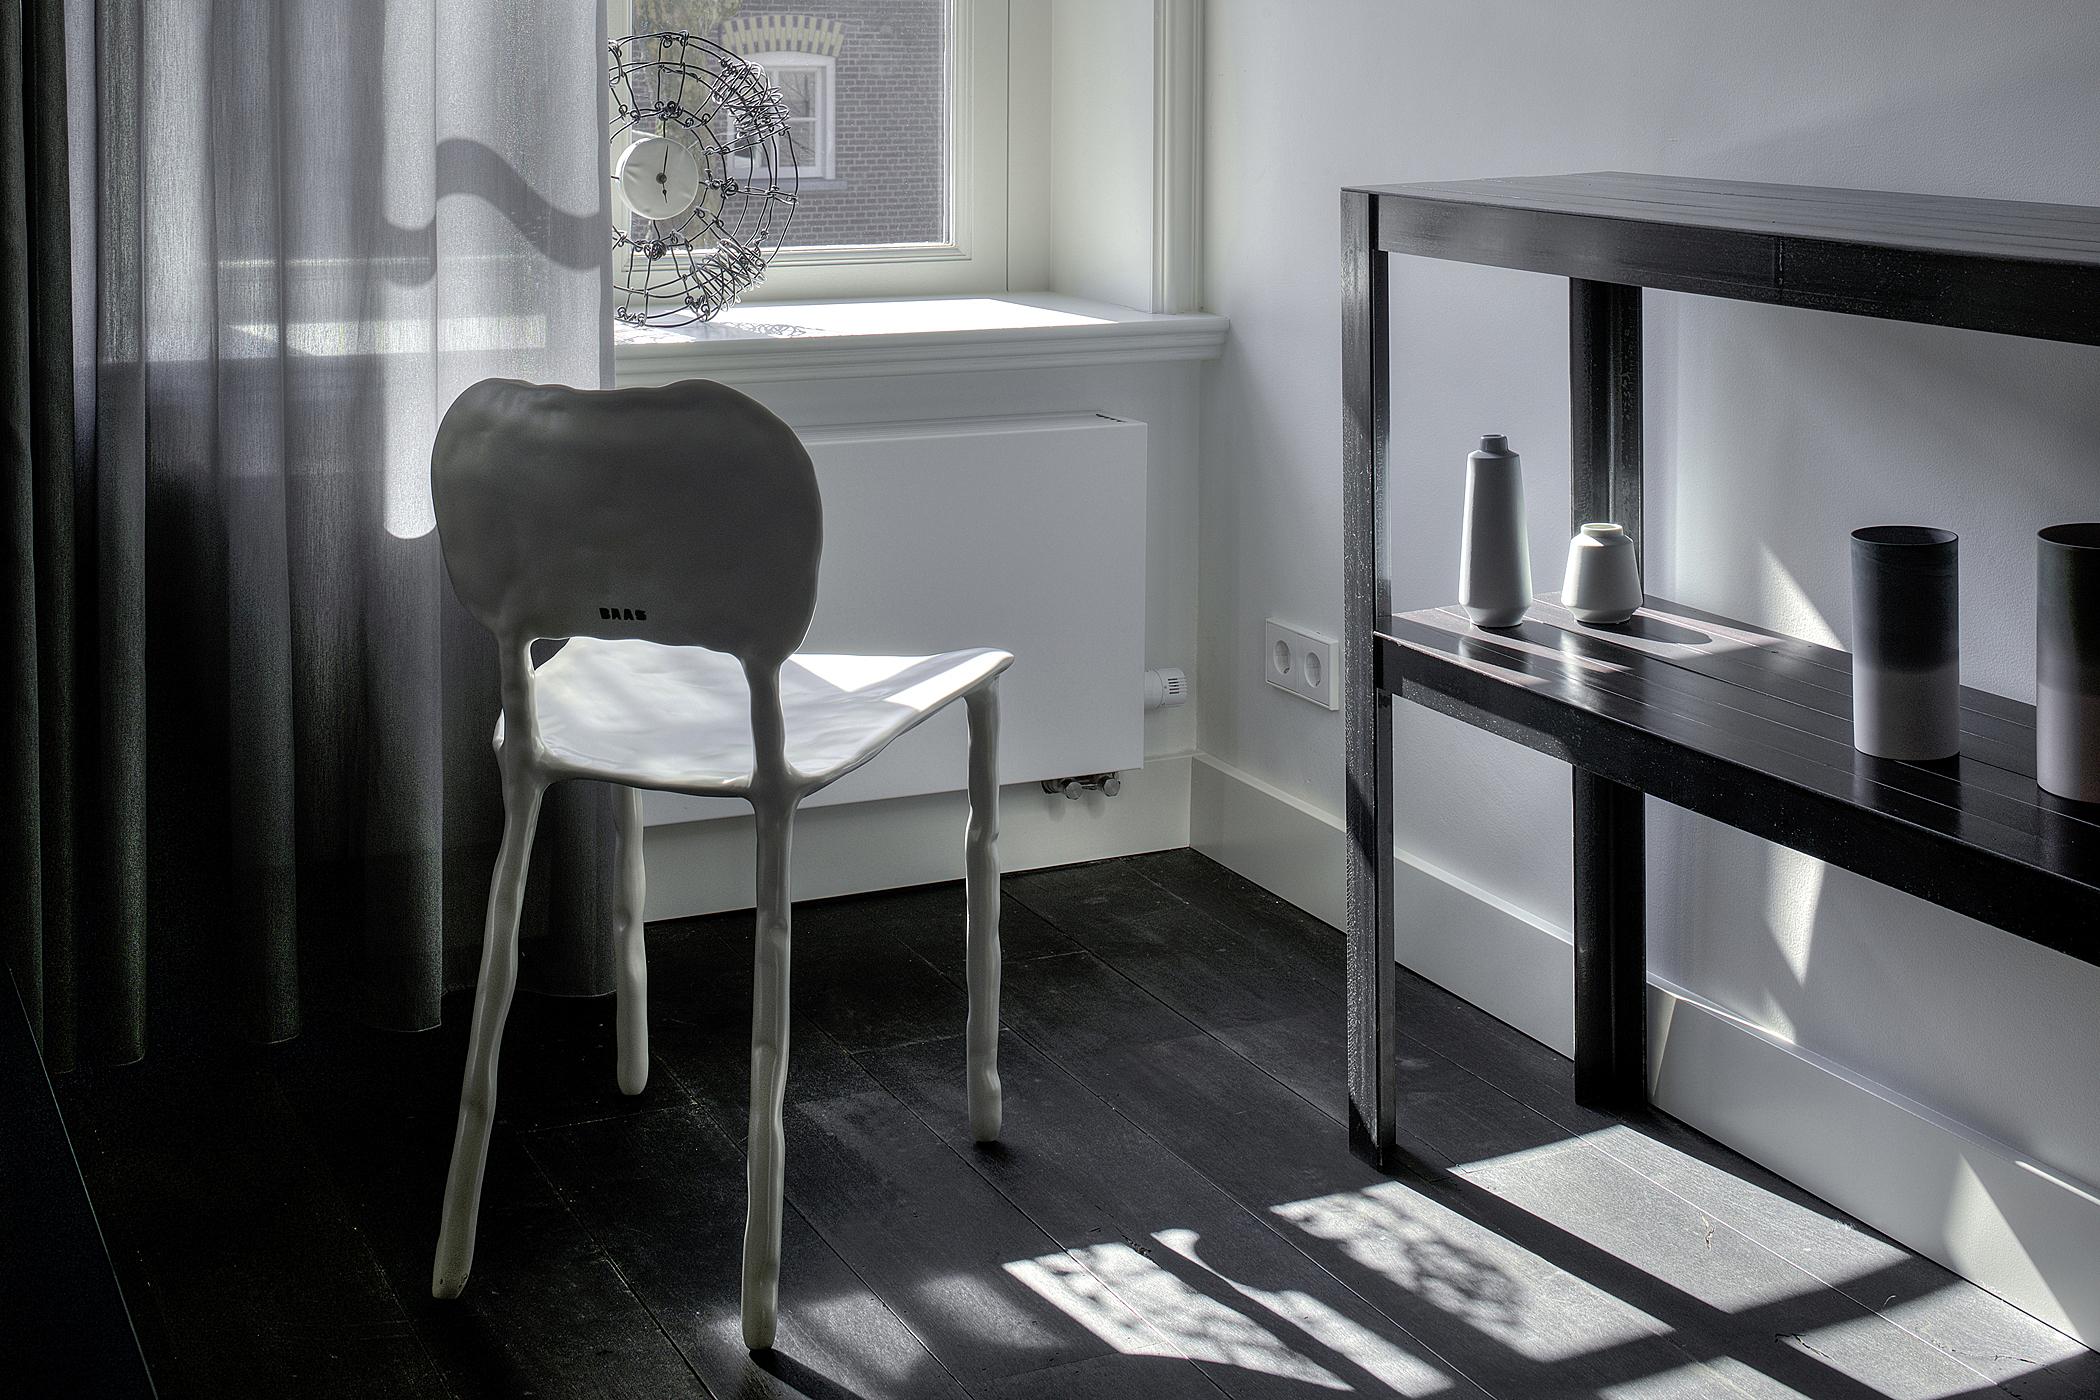 Kazerne Family Suite Bedroom Baas Van Eijk Image Patrick Meis